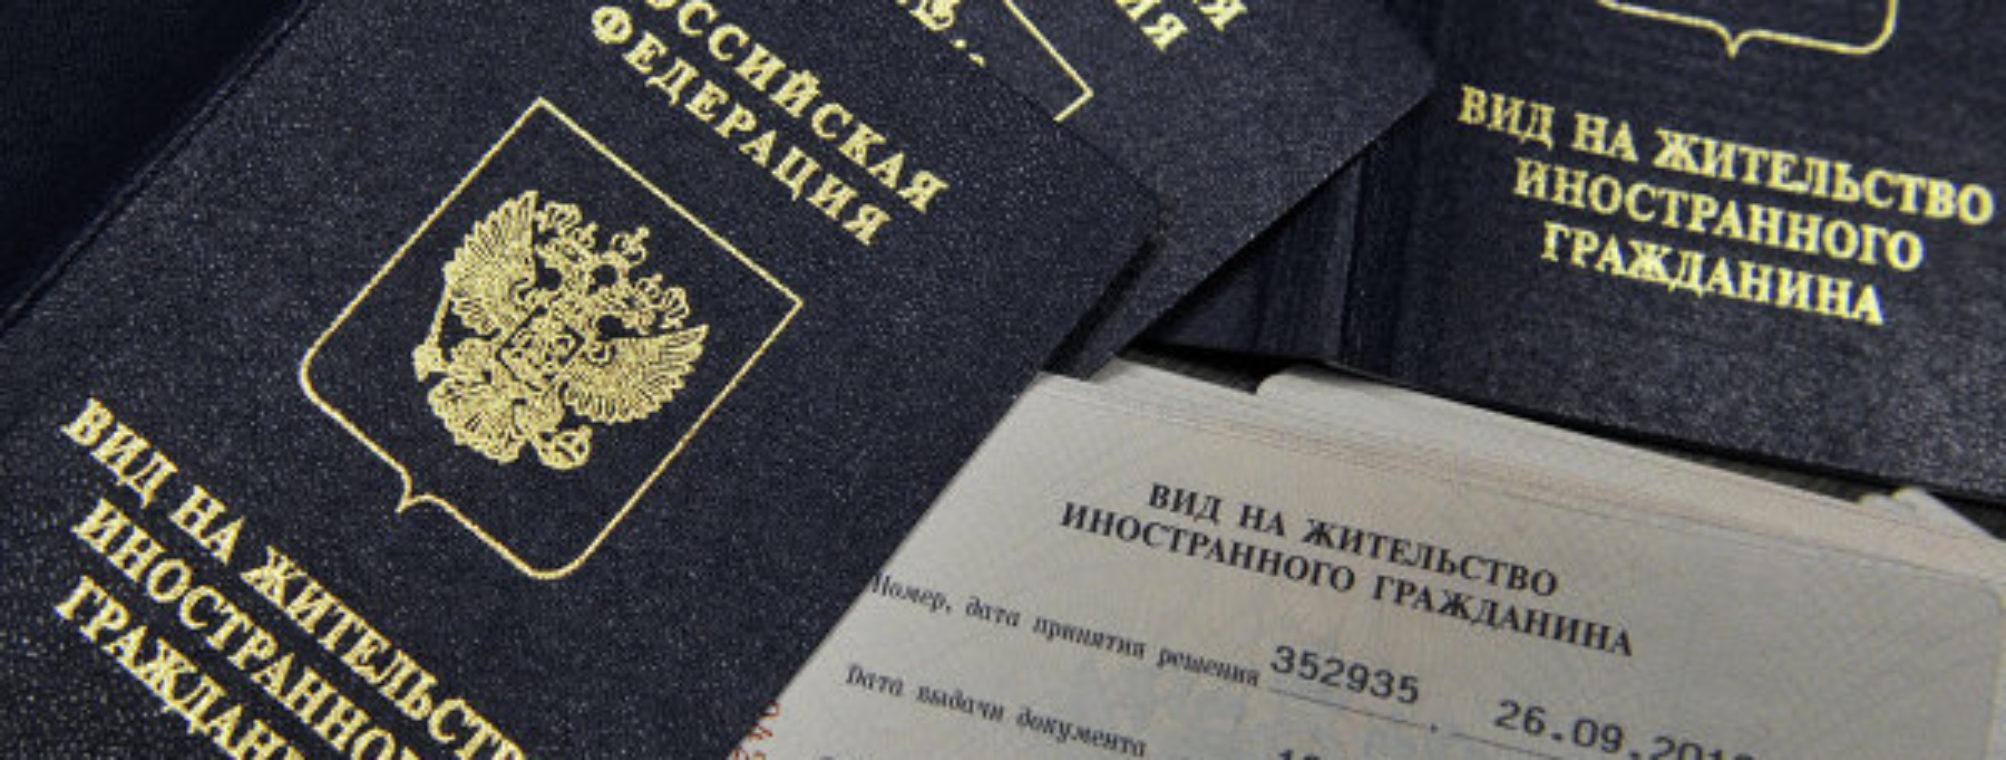 Вид на жительство для пенсионеров в россии